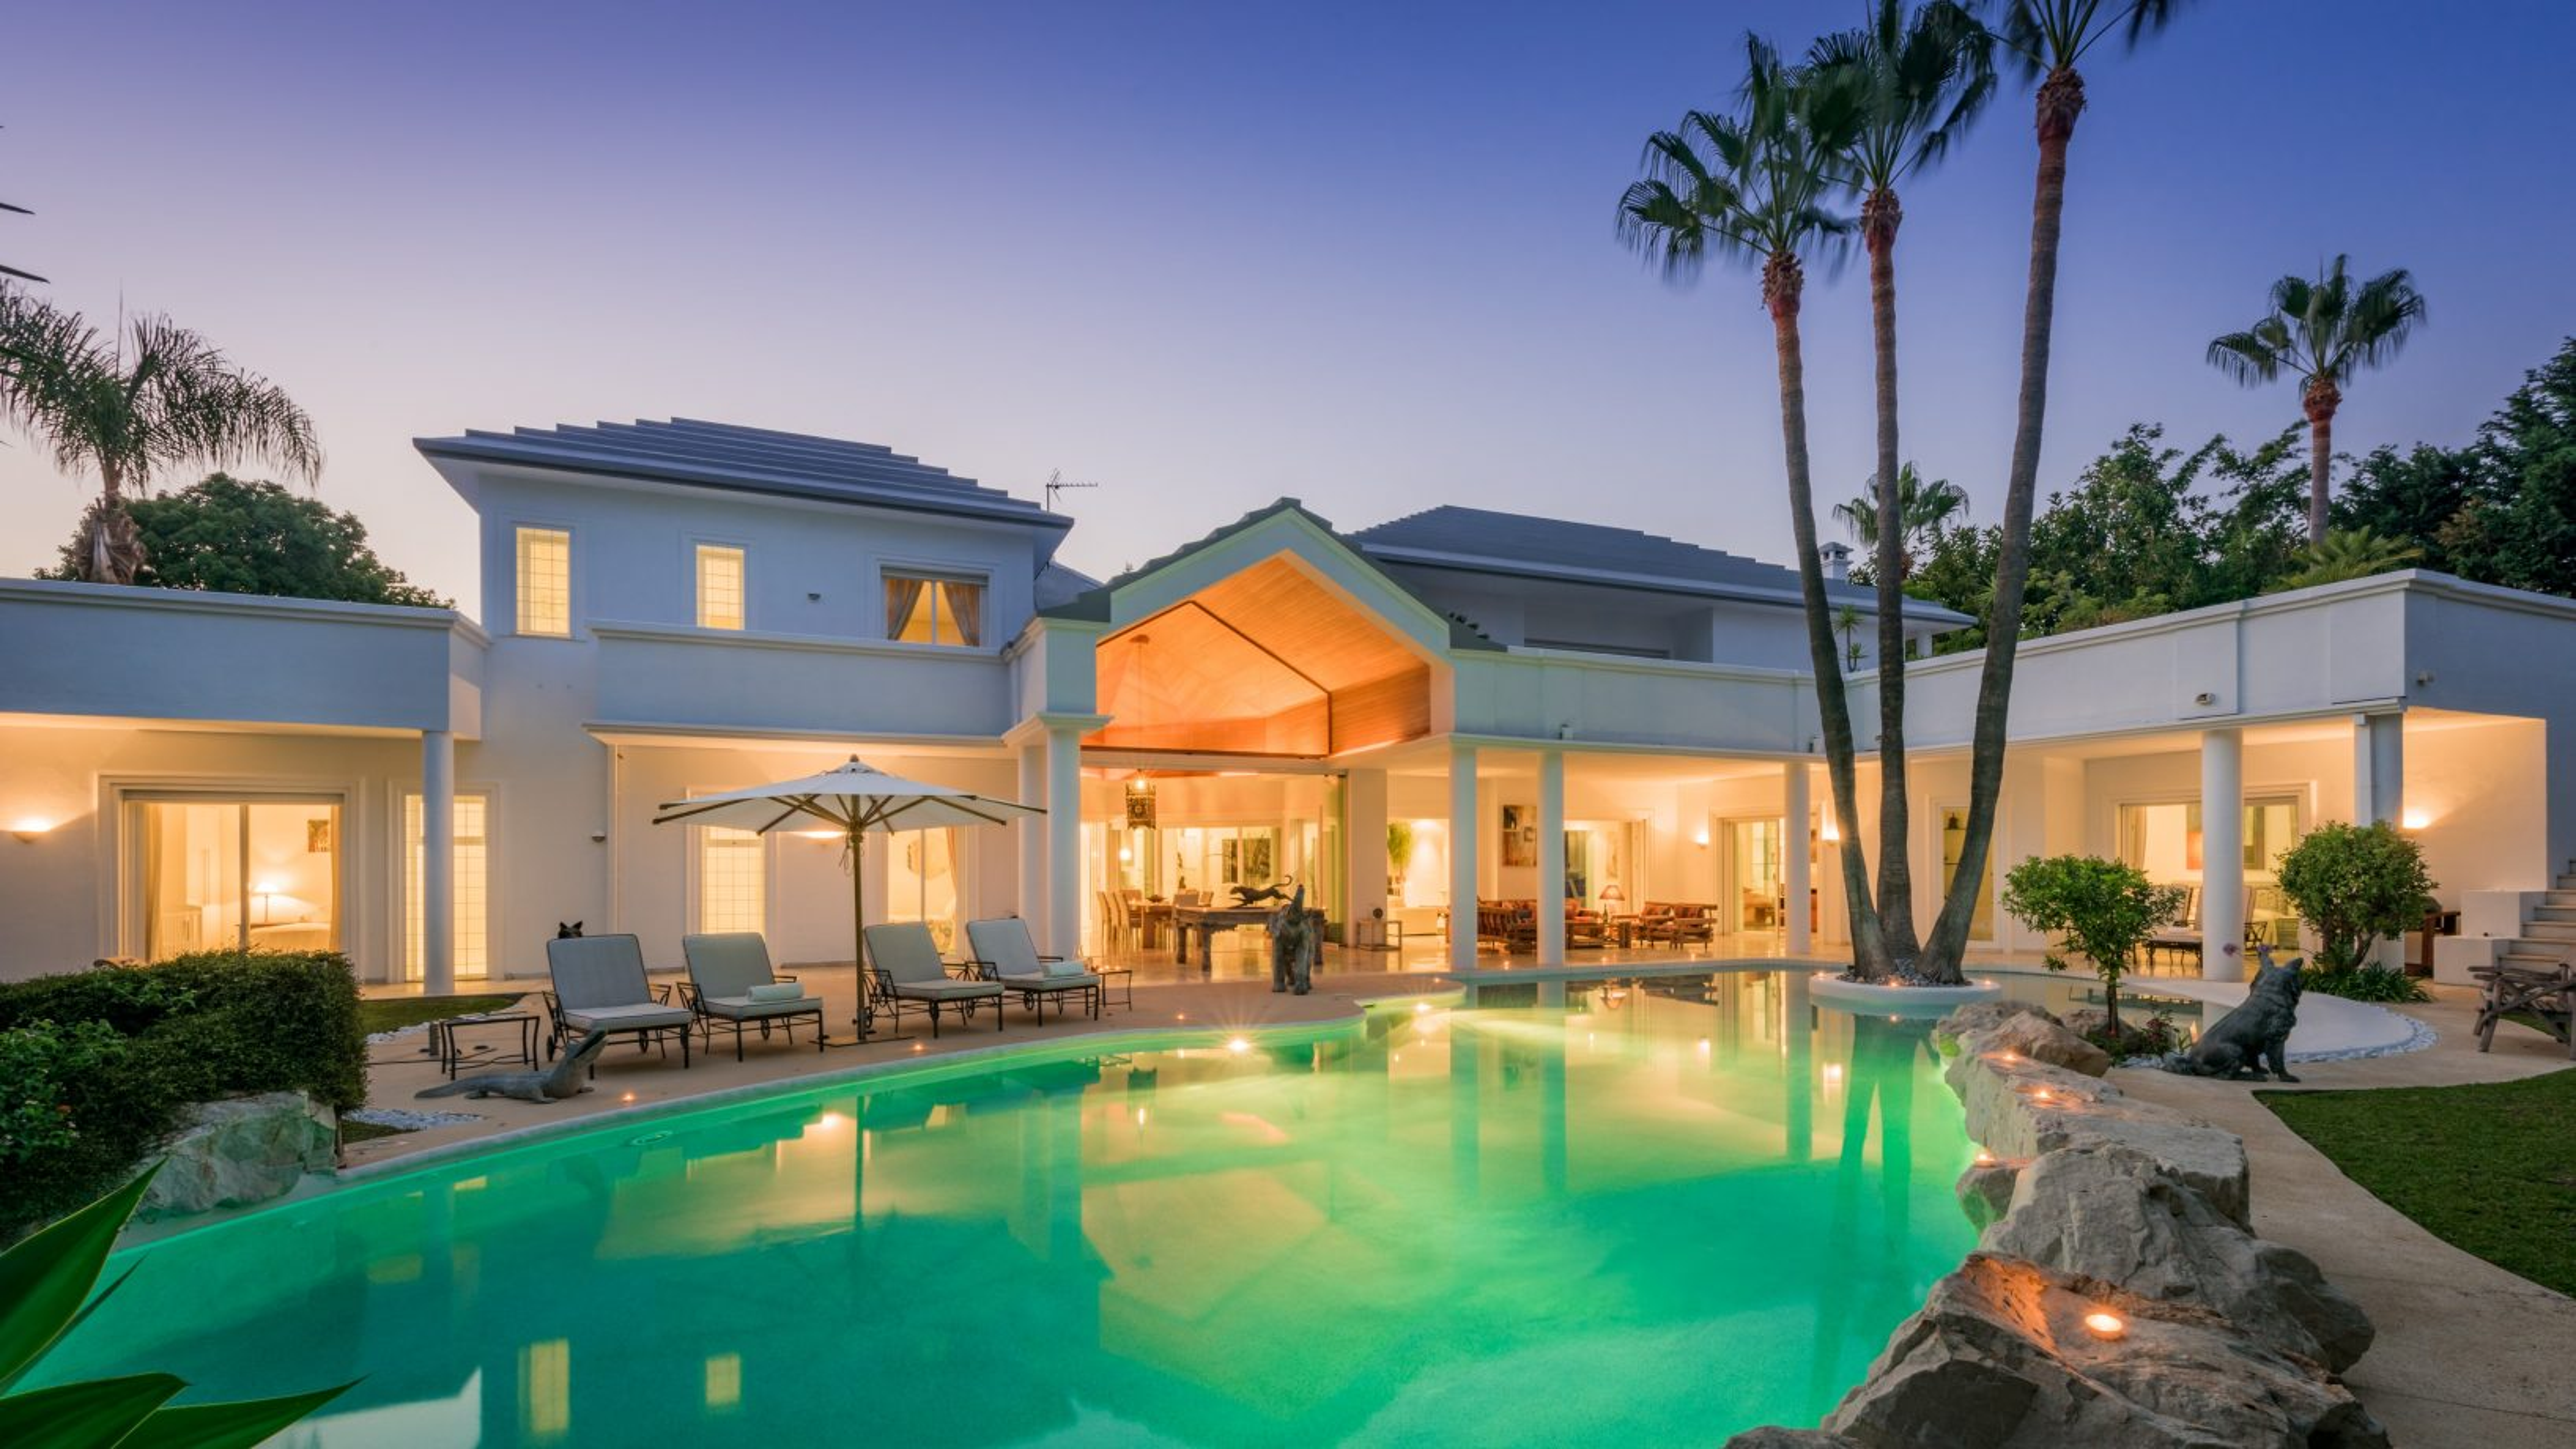 Ein Angebot Für Den Kauf Einer Immobilie Unterbreiten